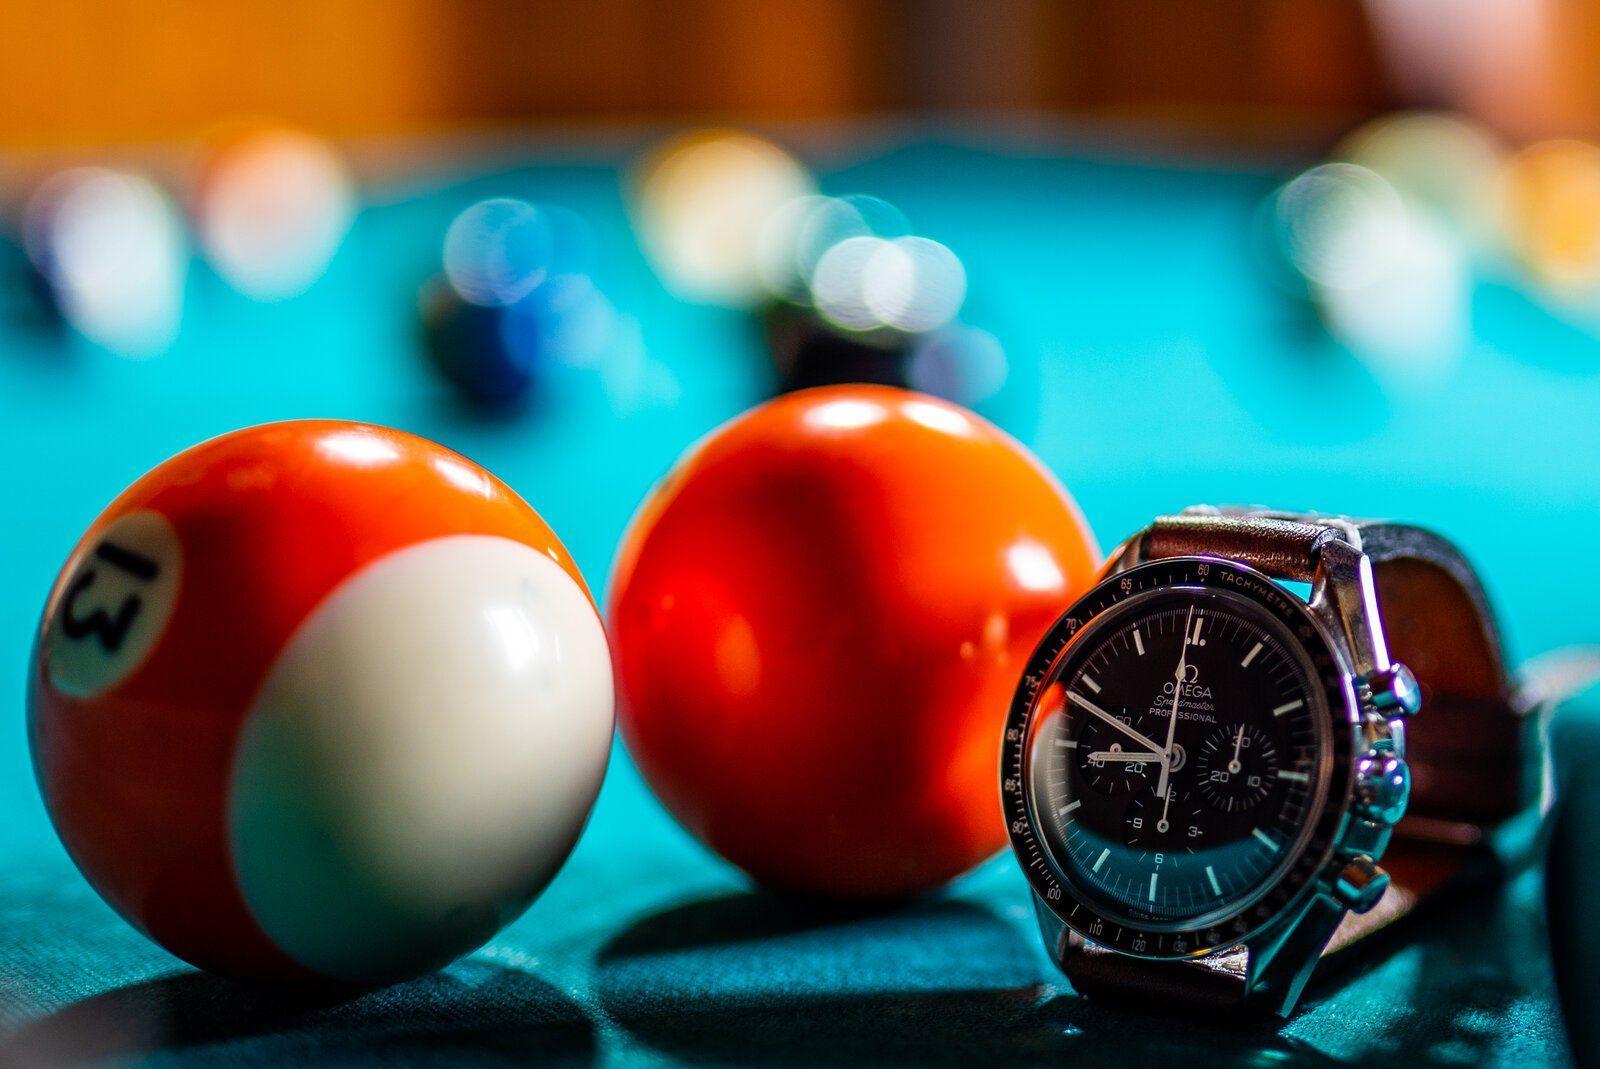 Reloj-Billar-1-48.jpg